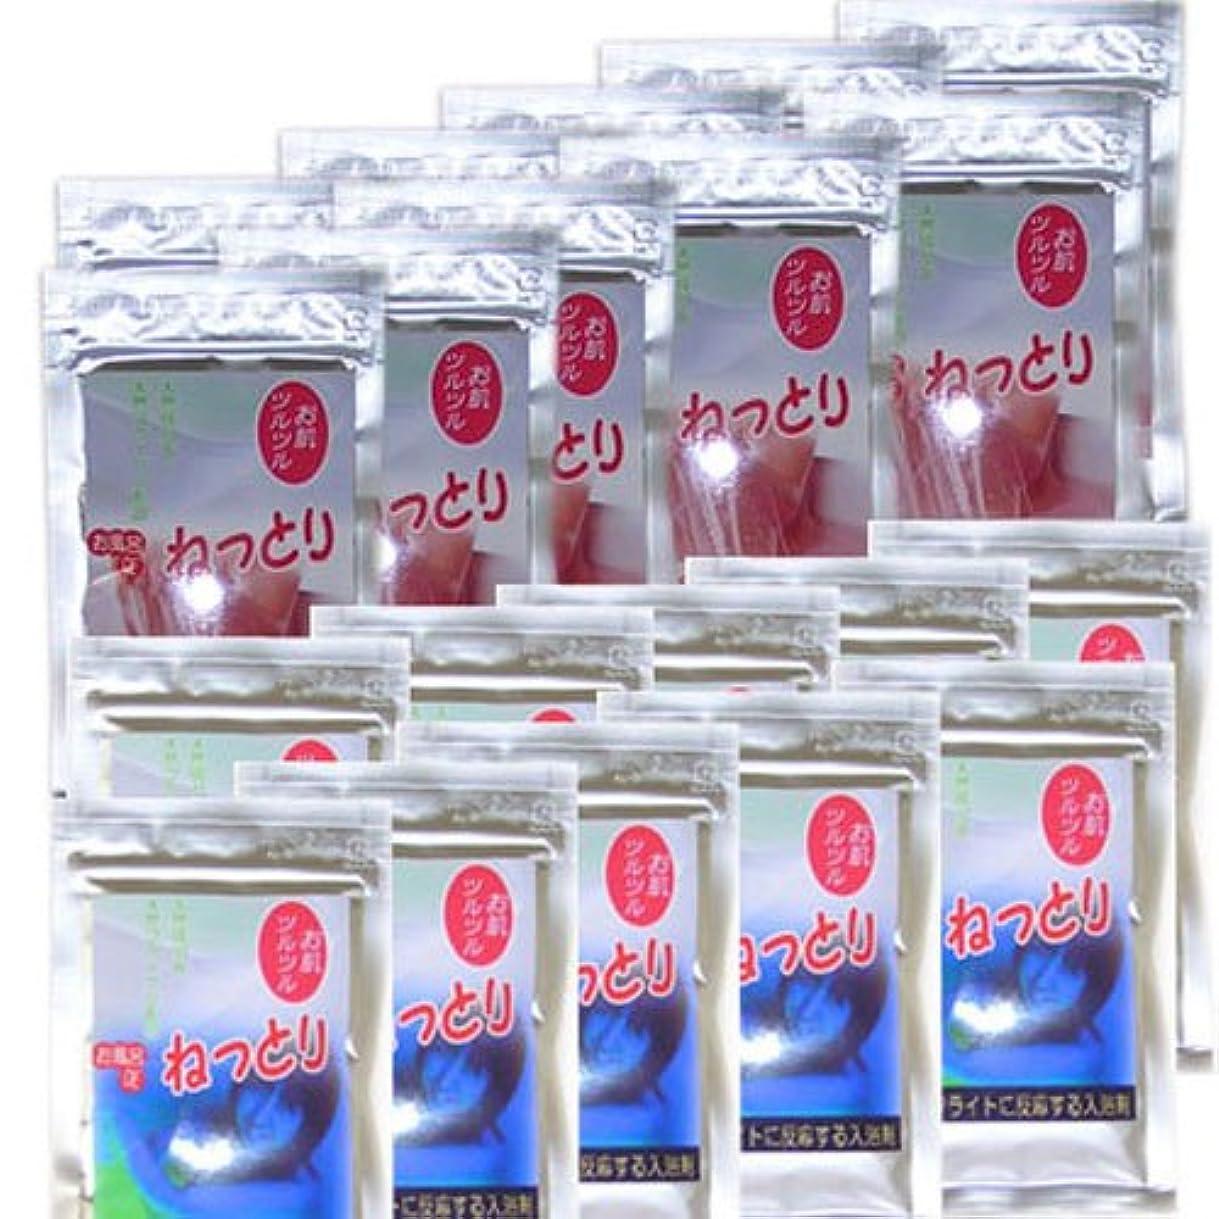 血ひも機動ローションバス とろとろ入浴剤「お風呂でねっとり」 業務用50g(10個セット) (アロマローズ(ピンク))